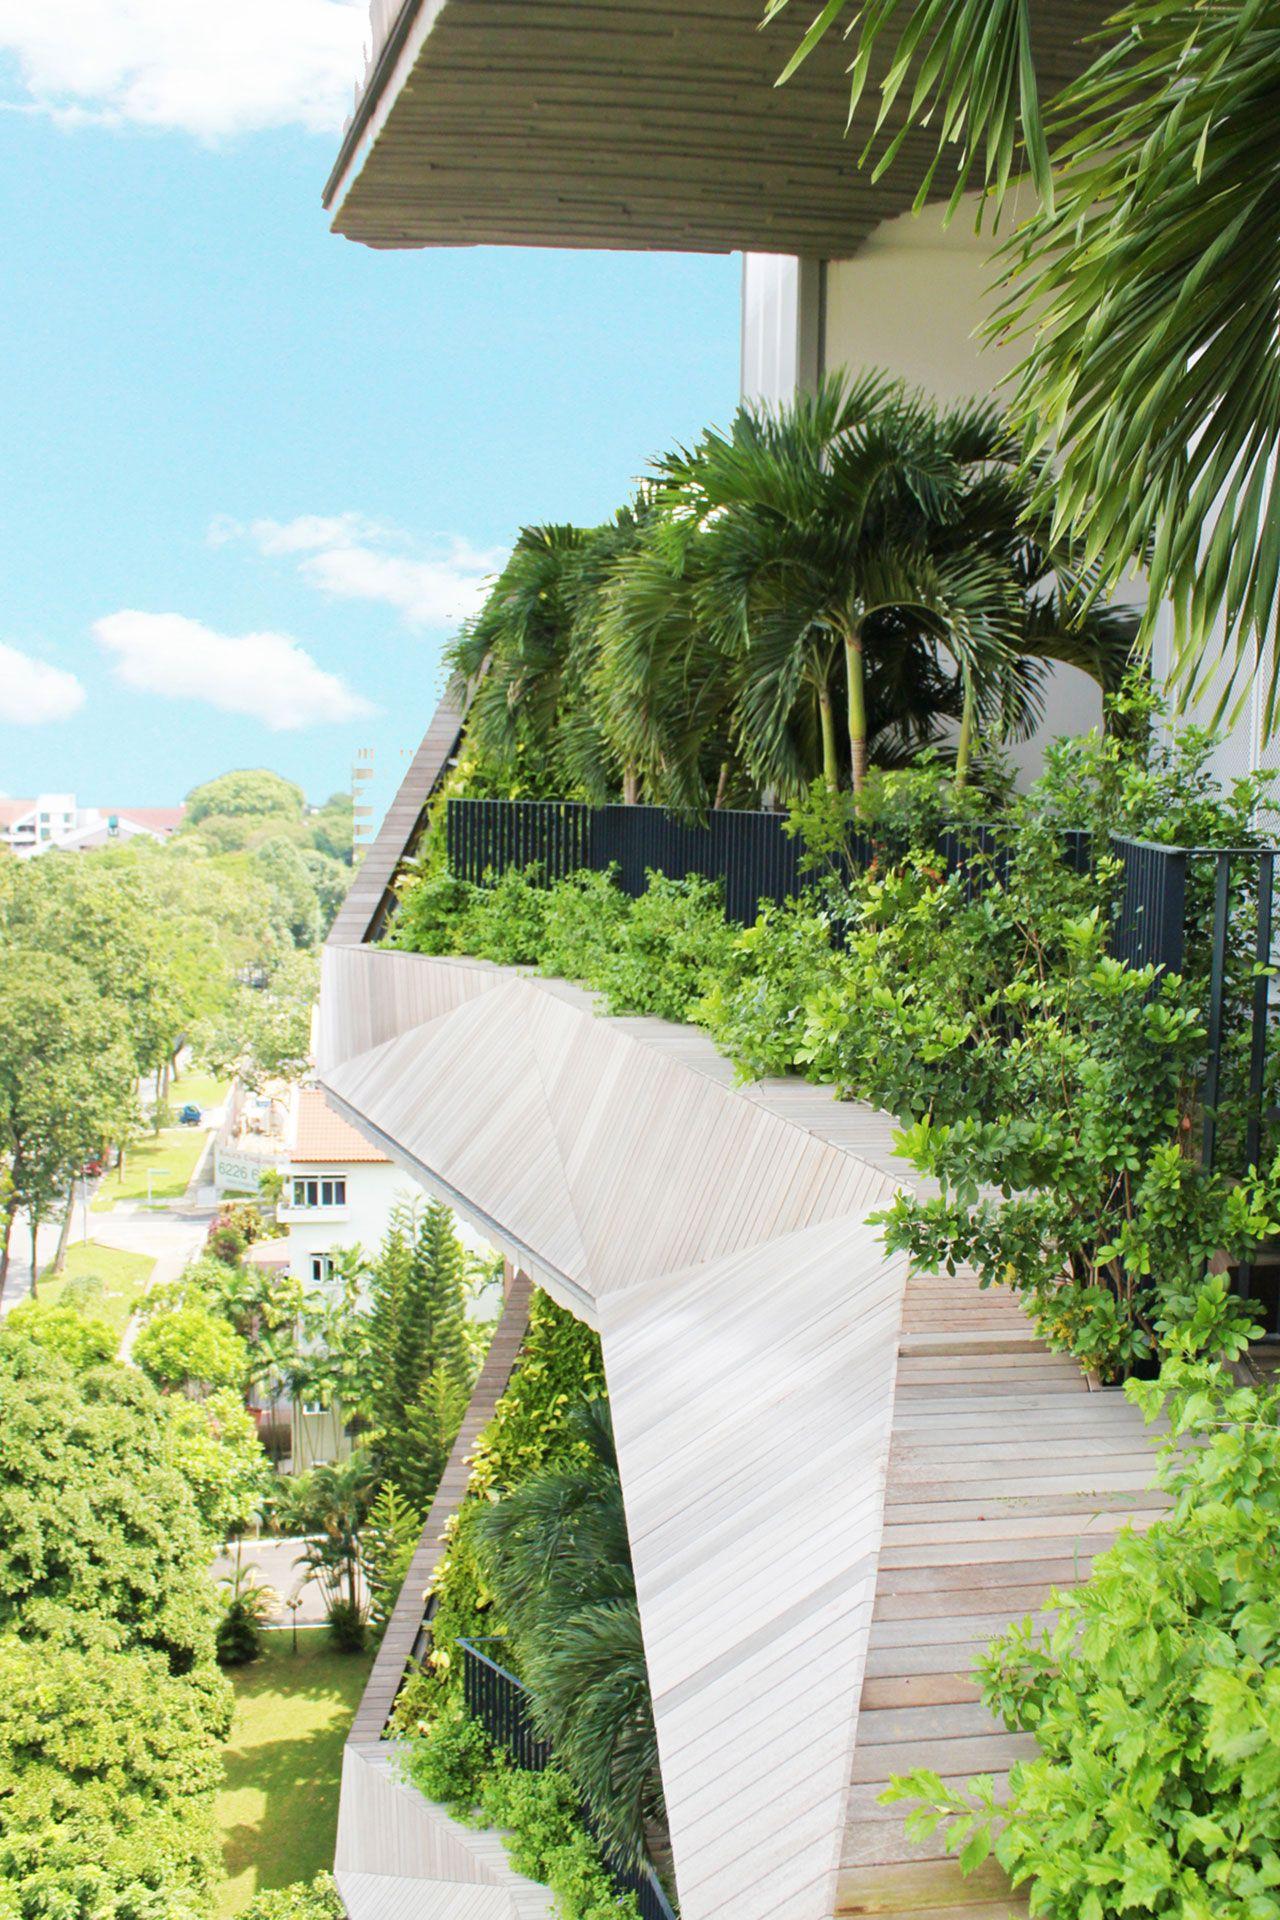 The Oliv Green architecture, Landscape architecture